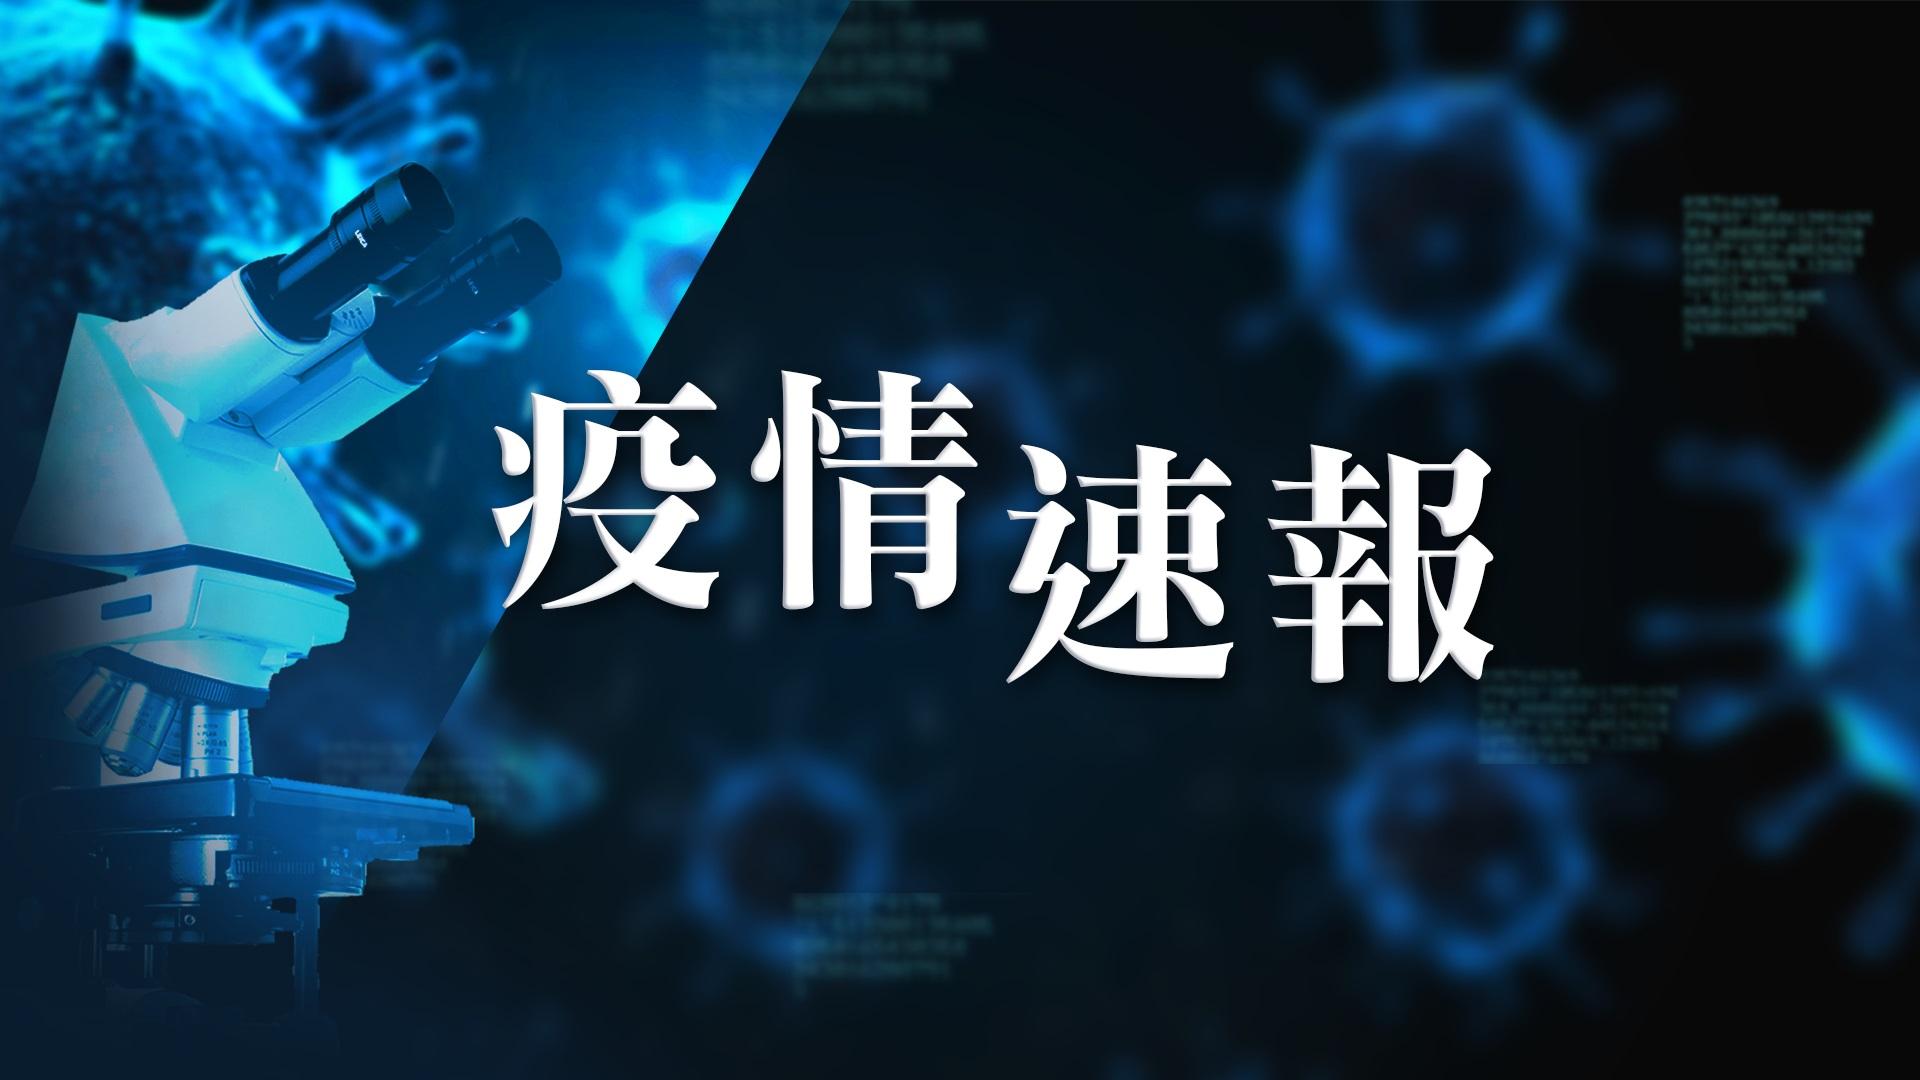 【3月7日疫情速報】(10:30)